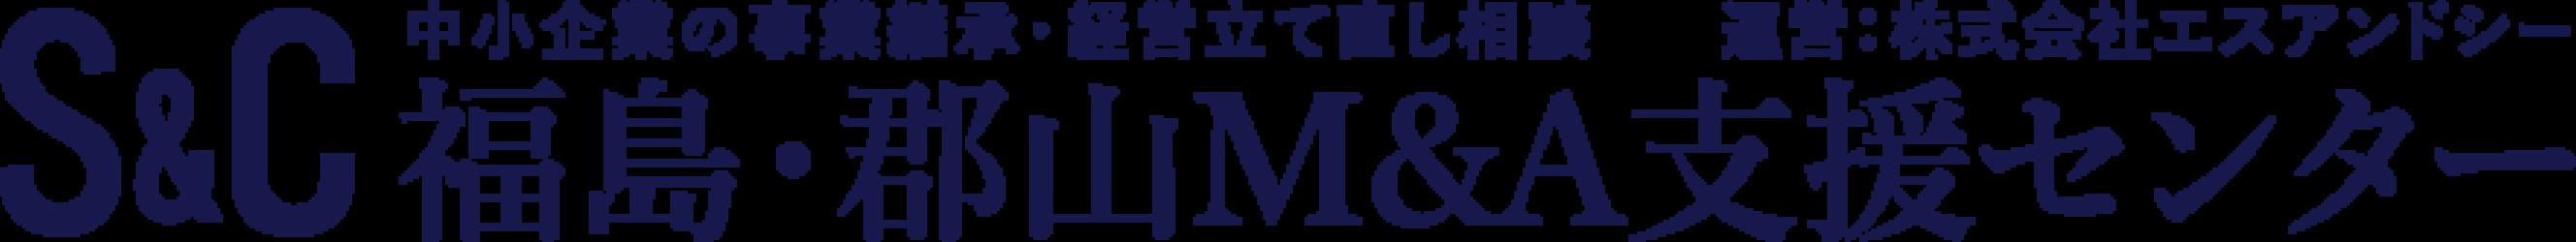 福島・郡山M&A支援センター